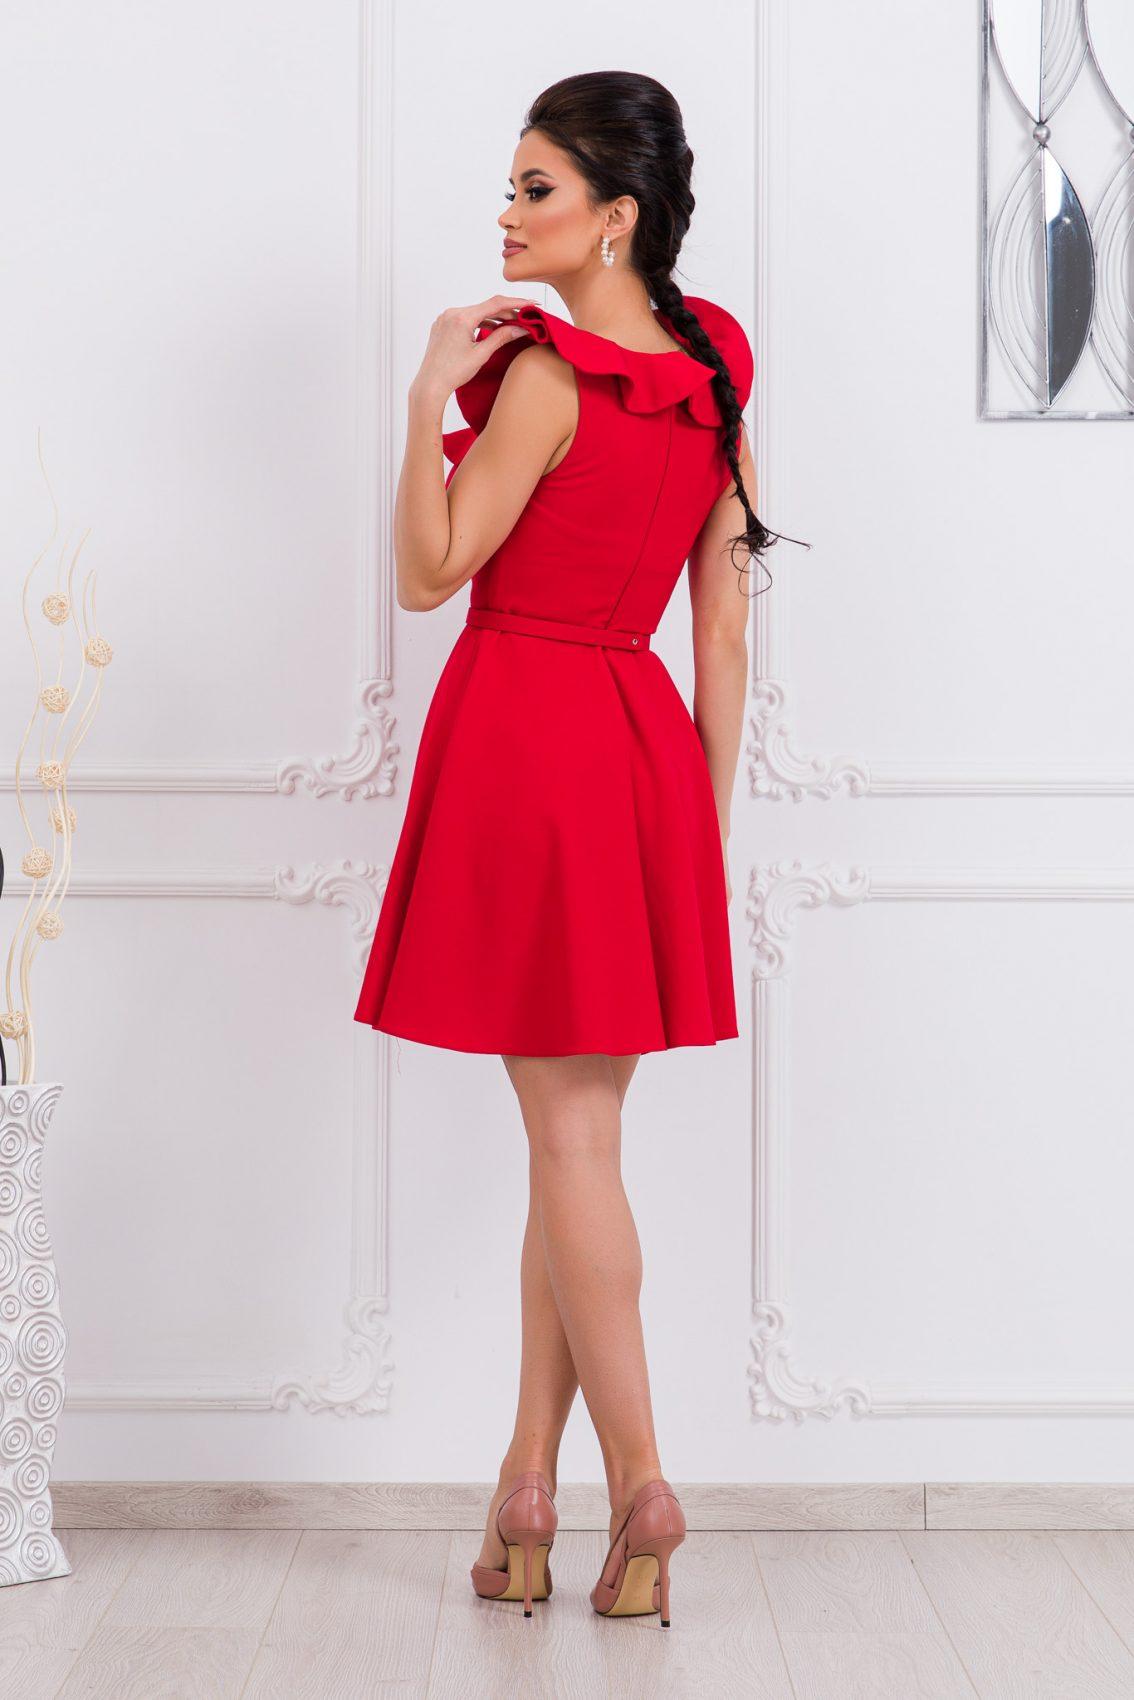 Κόκκινο Κλος Φόρεμα Με Βολάν Girlish 9678 2